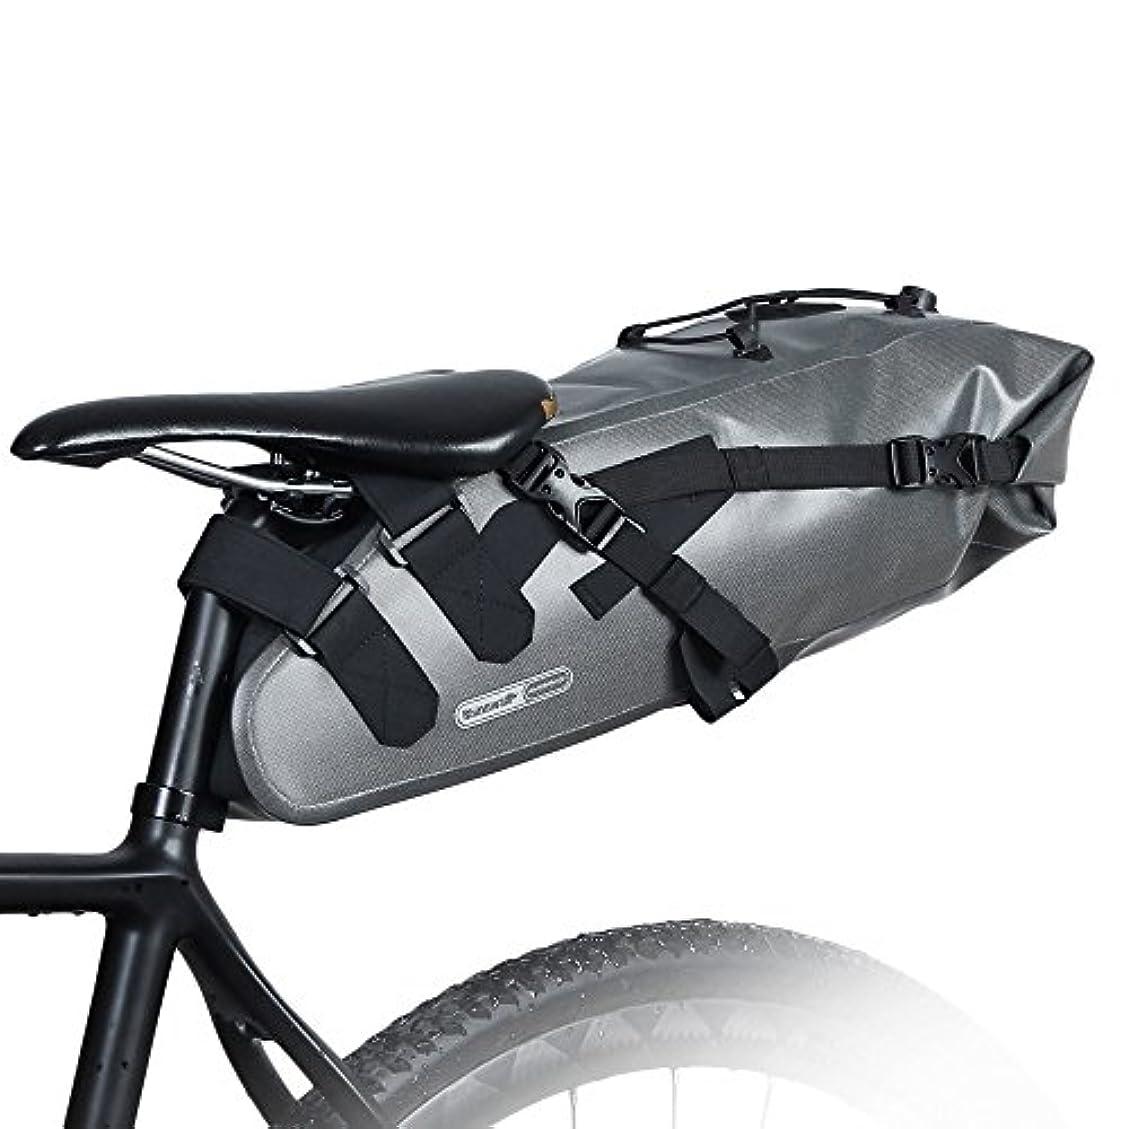 変成器複合ソーダ水自転車サドルバッグ自転車パニエバッグ防水自転車サドルバッグバイクバッグアンダーシートバッグRainproof Mountain Roadバイクシートバッグ自転車バッグプロフェッショナルサイクリングアクセサリー サドルバッグ?フレームバッグ (色 : ブラック)